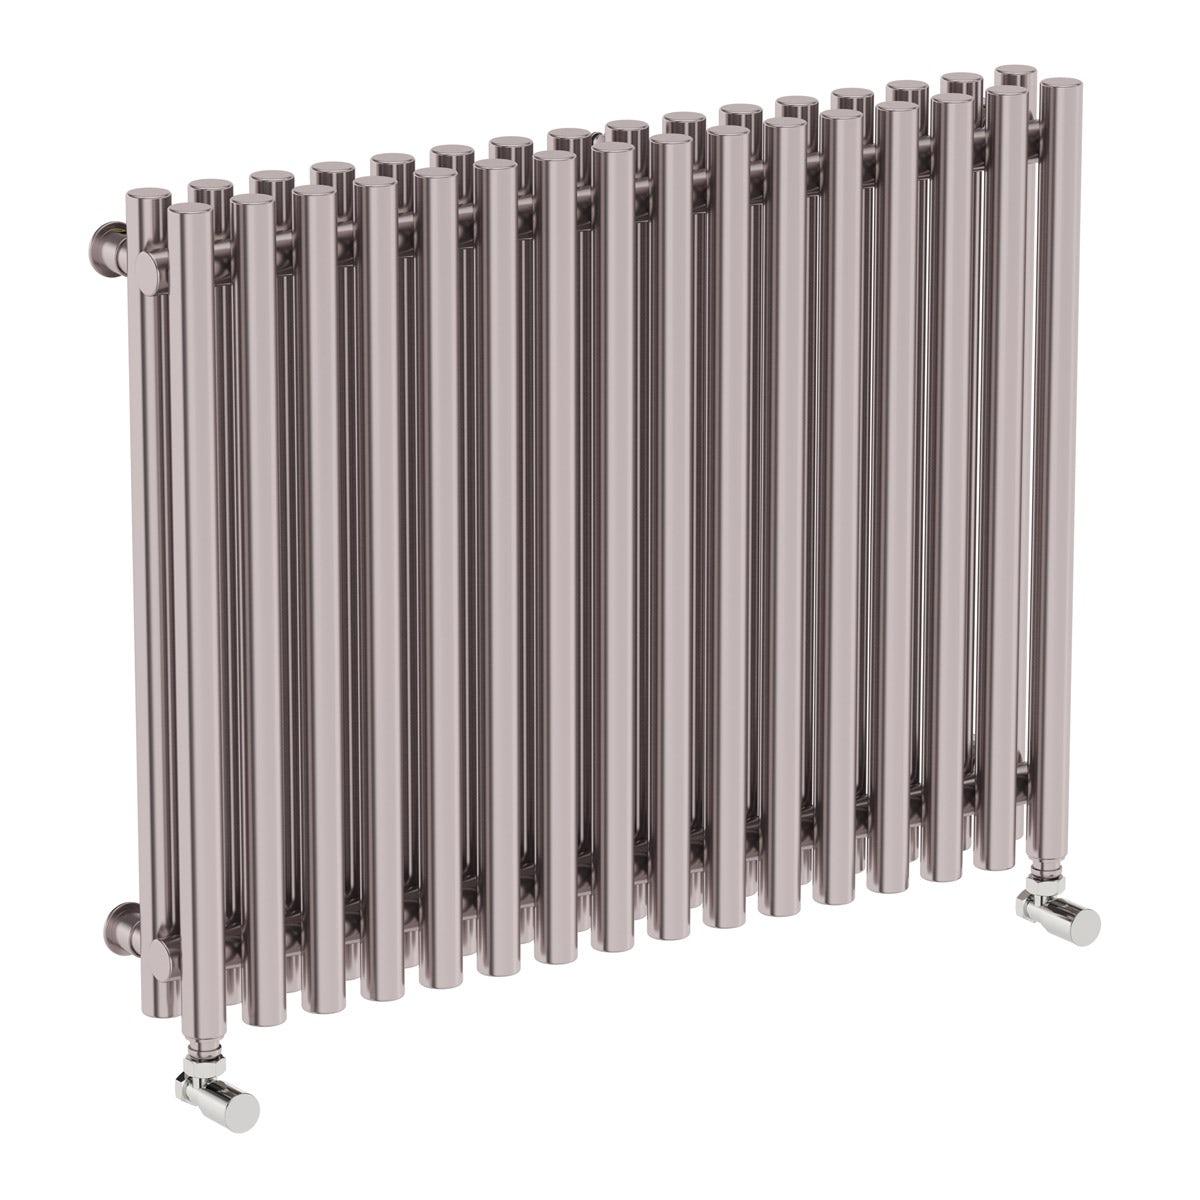 Terma Tune matt nickel double horizontal radiator 600 x 790